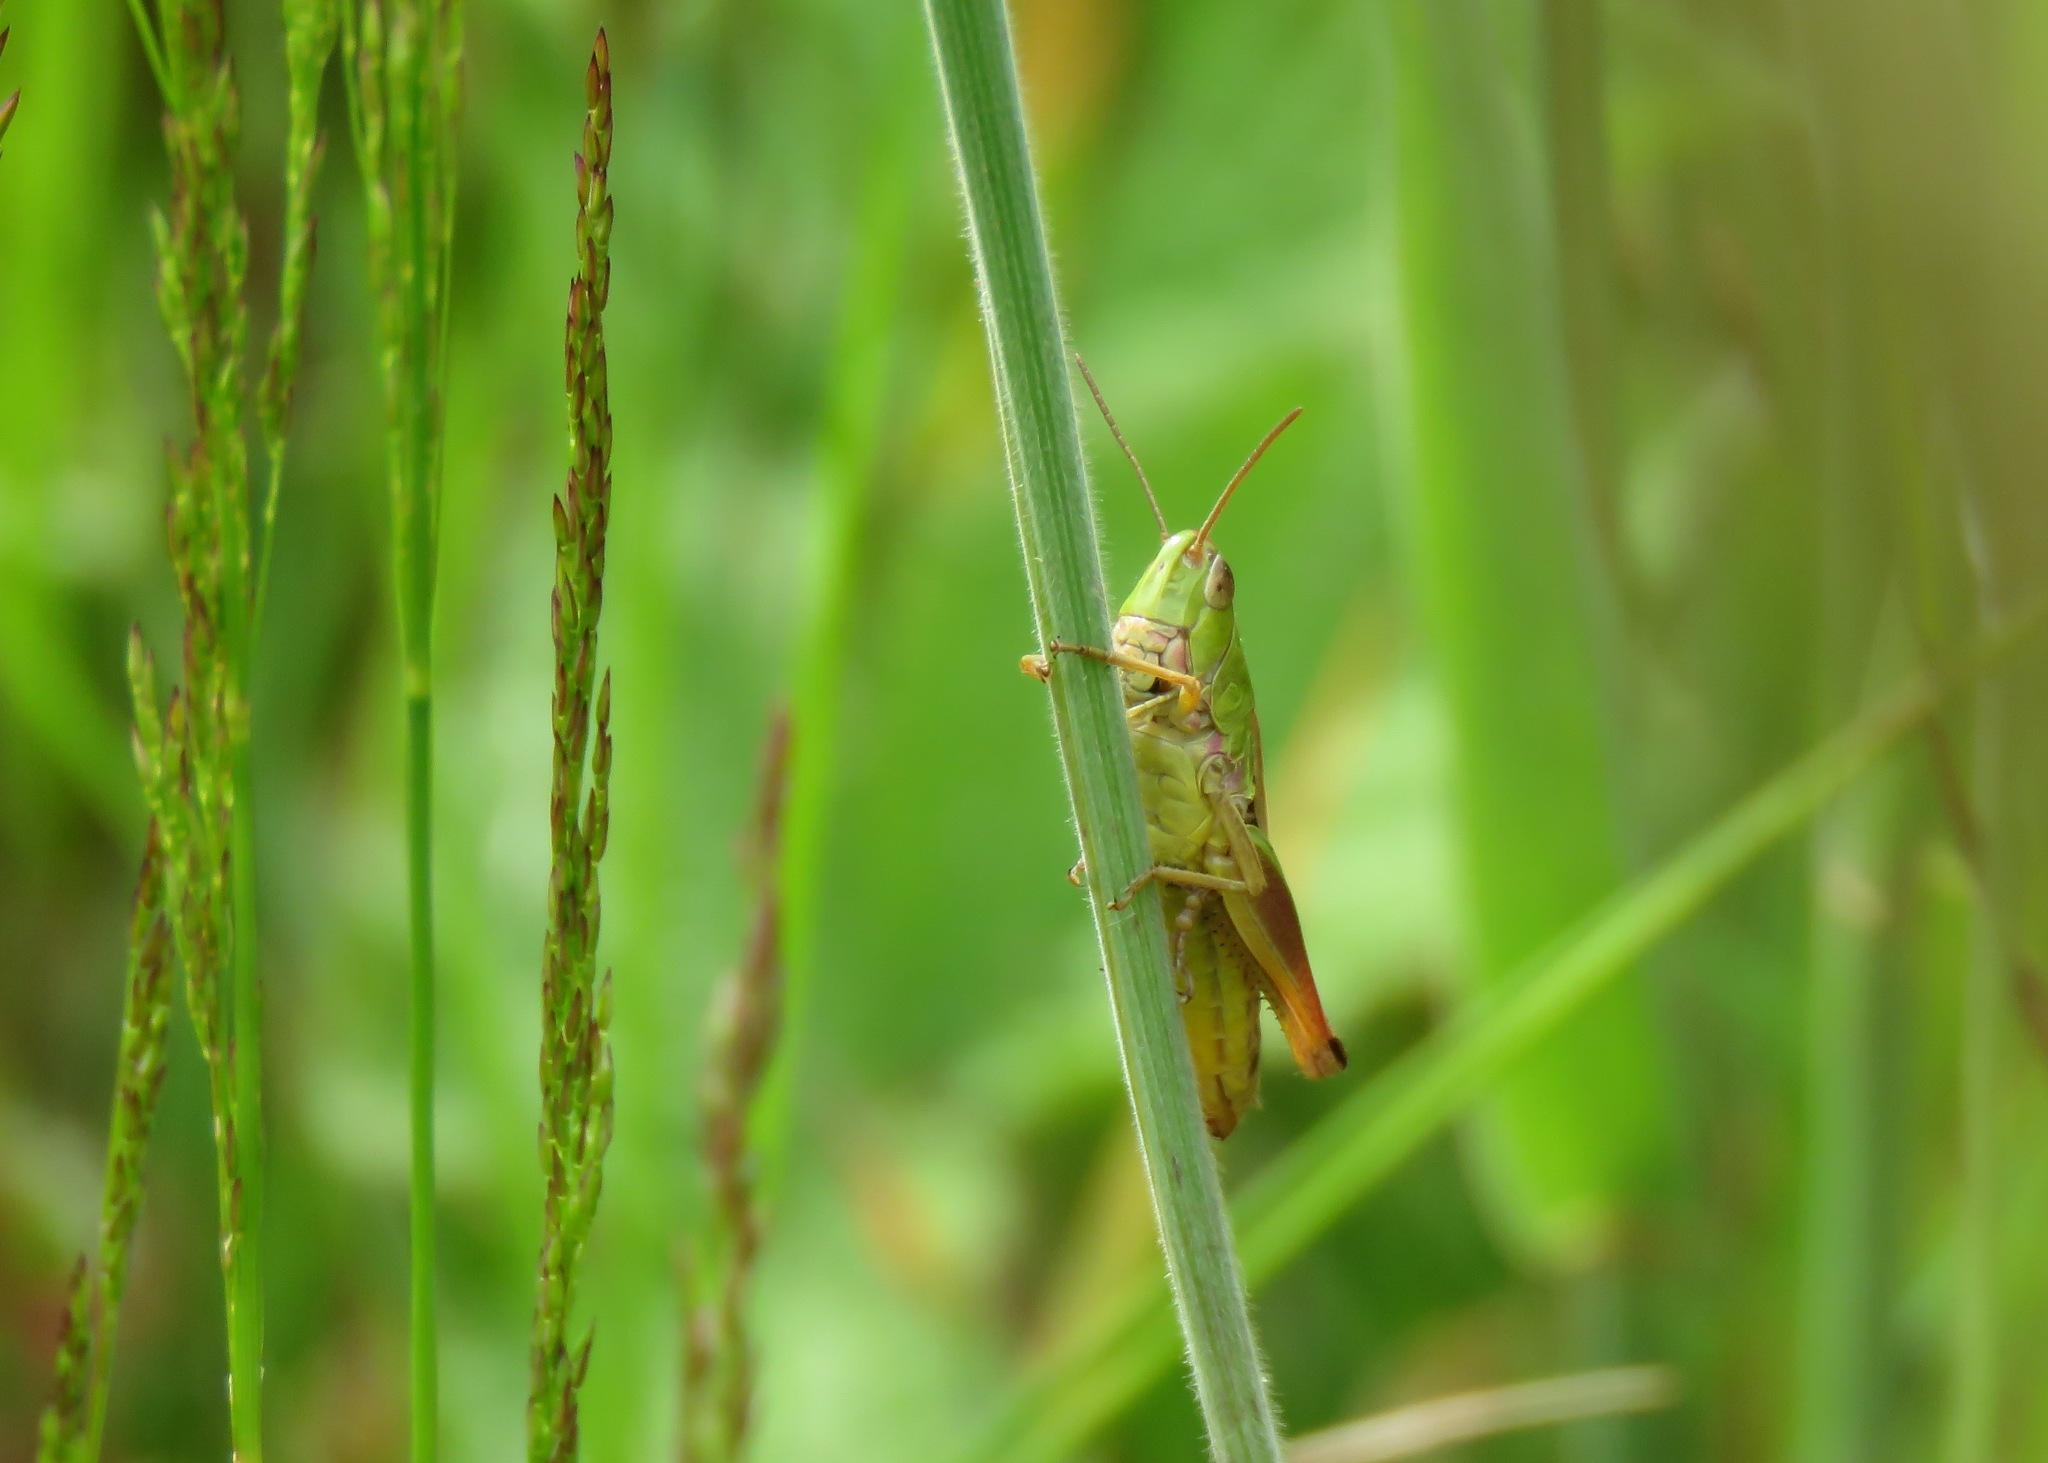 Mister grasshopper by ElseH